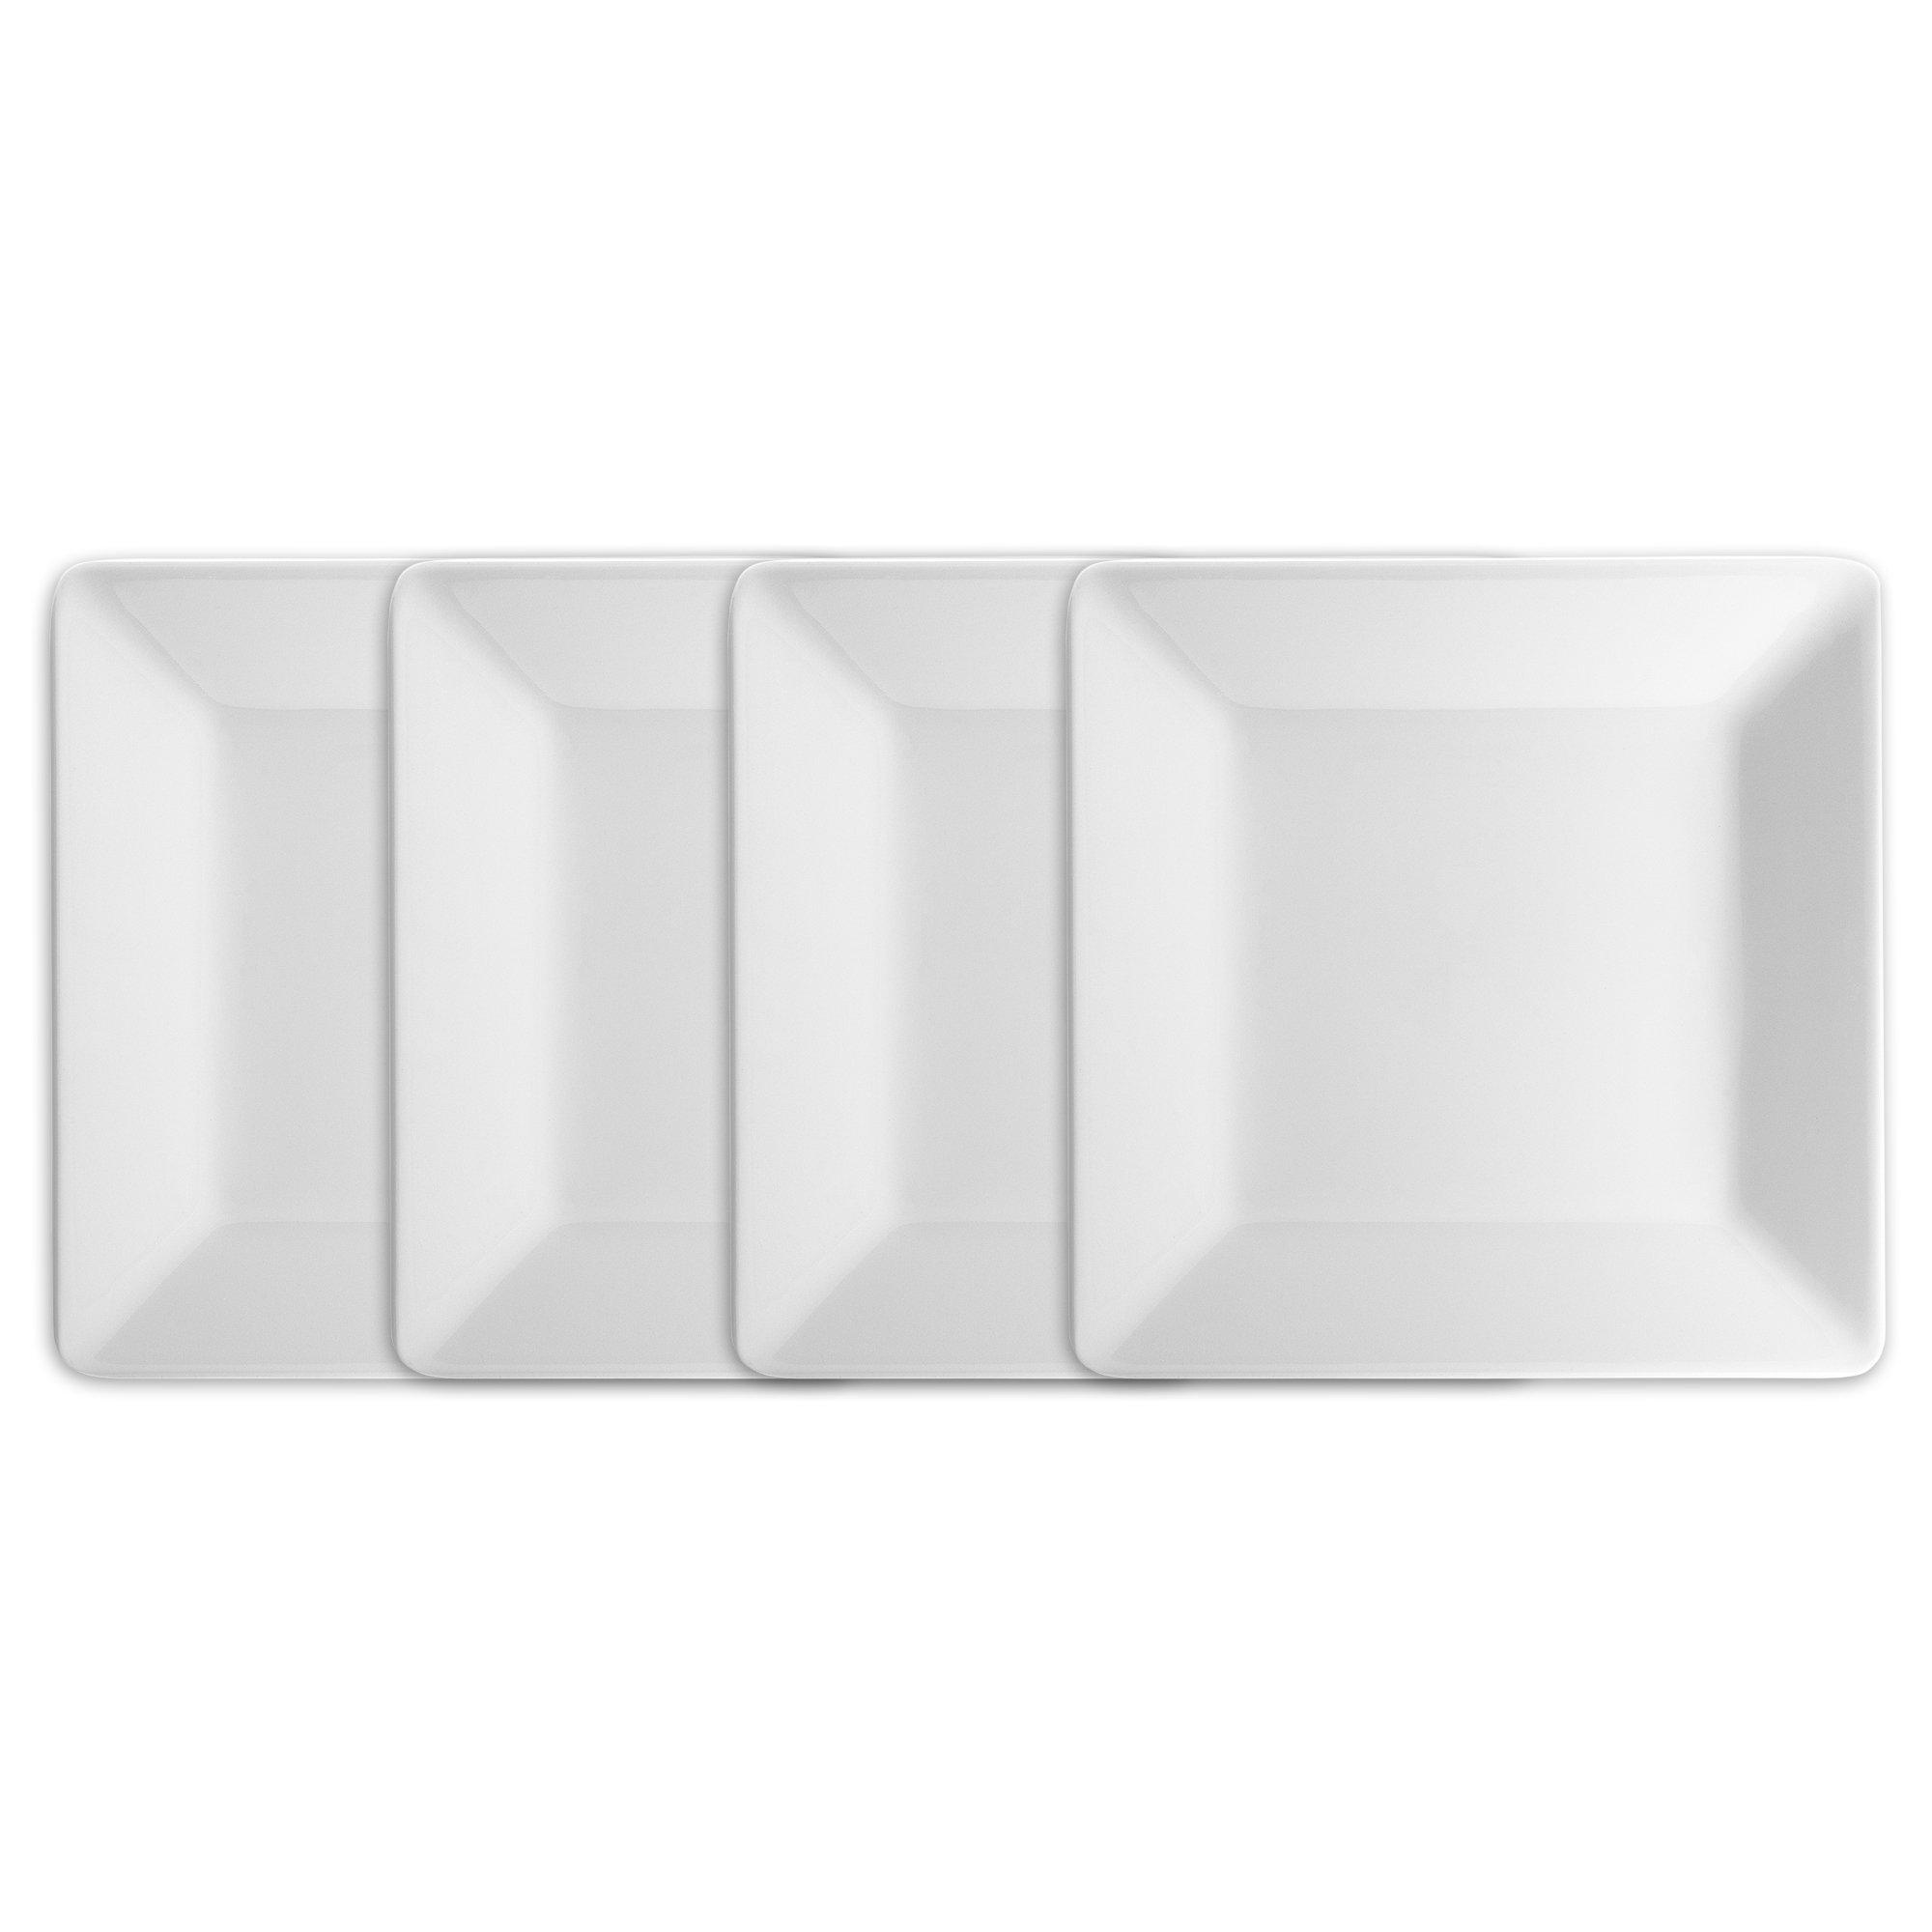 Q Squared Diamond White BPA-Free Melamine Salad Plate, 7-1/4 Inches, Set of 4, White